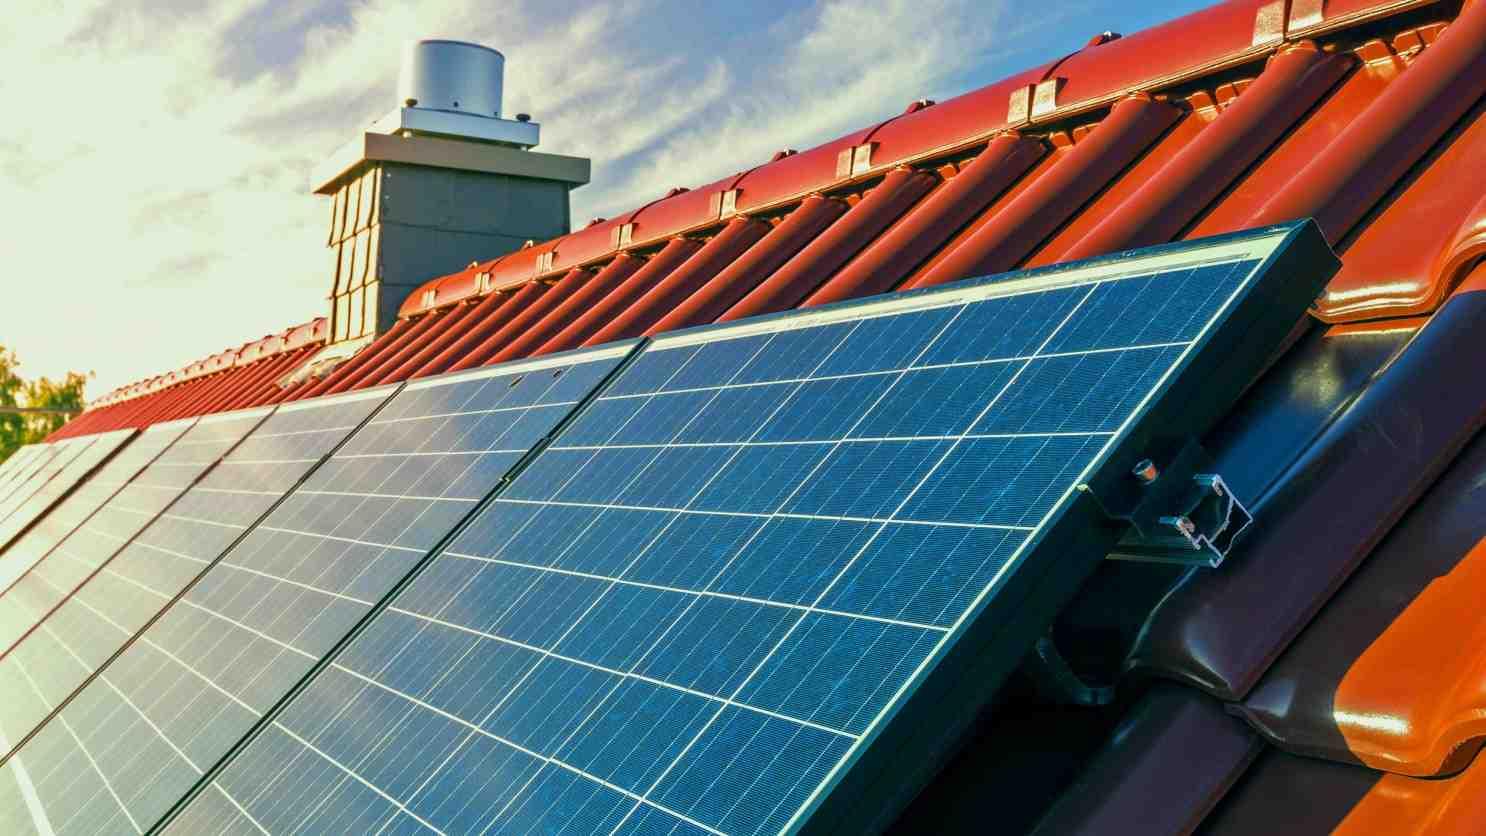 Does sunrun do pool solar?